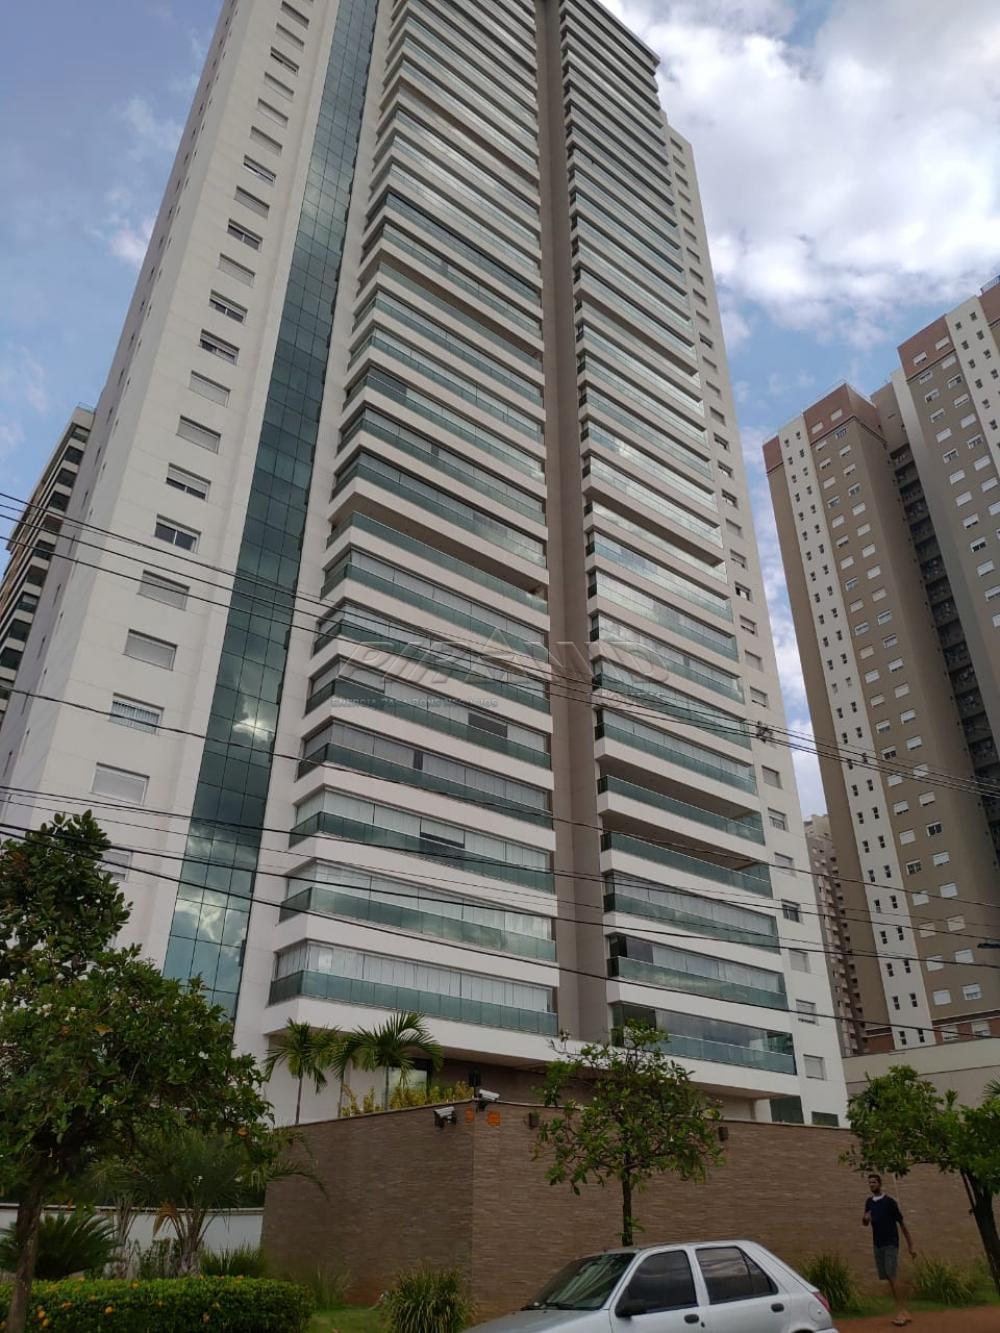 Comprar Apartamento / Padrão em Ribeirão Preto R$ 2.650.000,00 - Foto 3